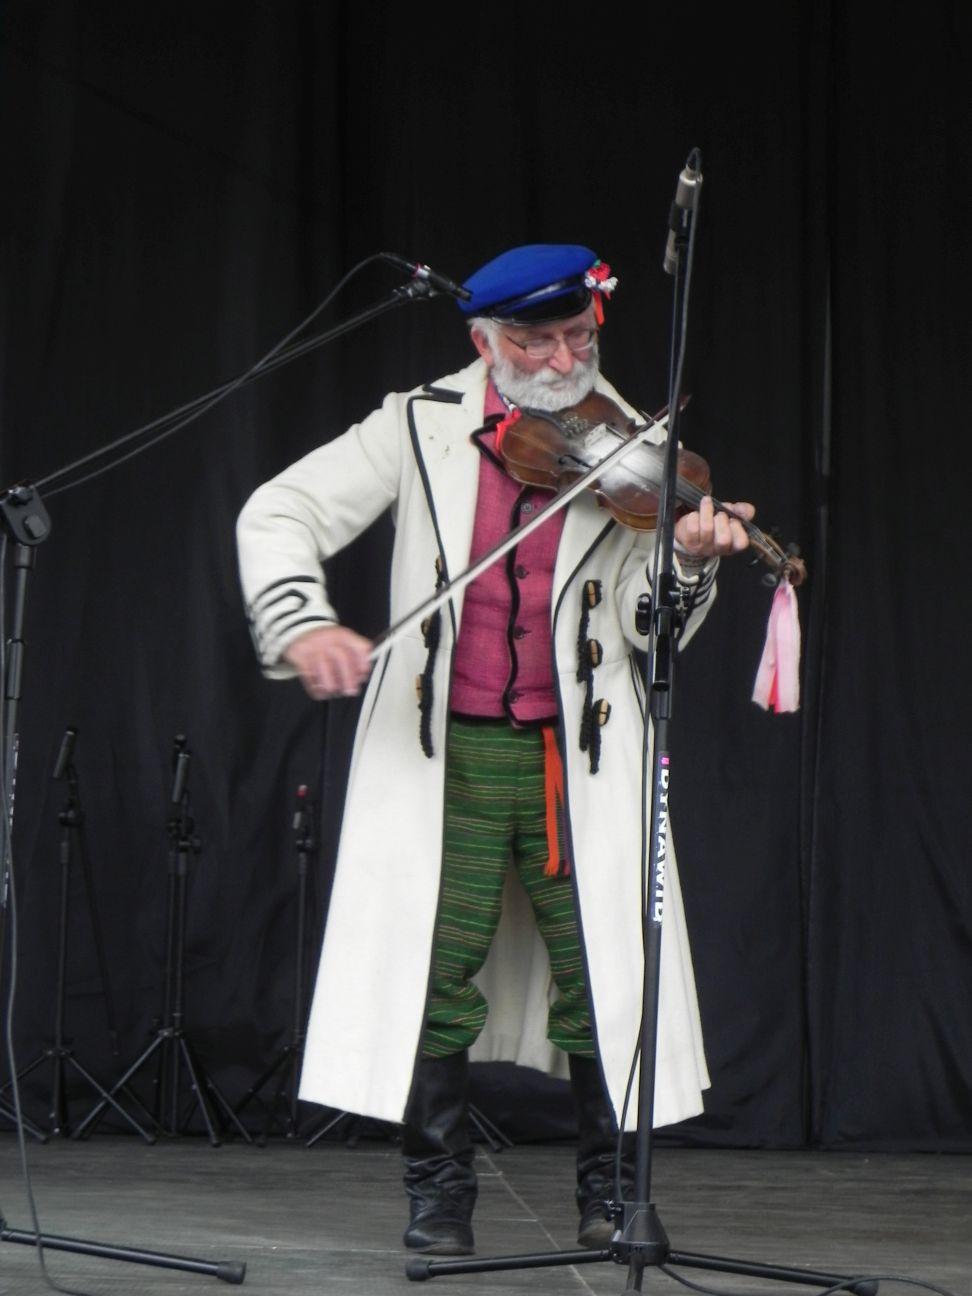 2017-06-24 Kazimierz Dolny - Jan Kępa z Bobrowca